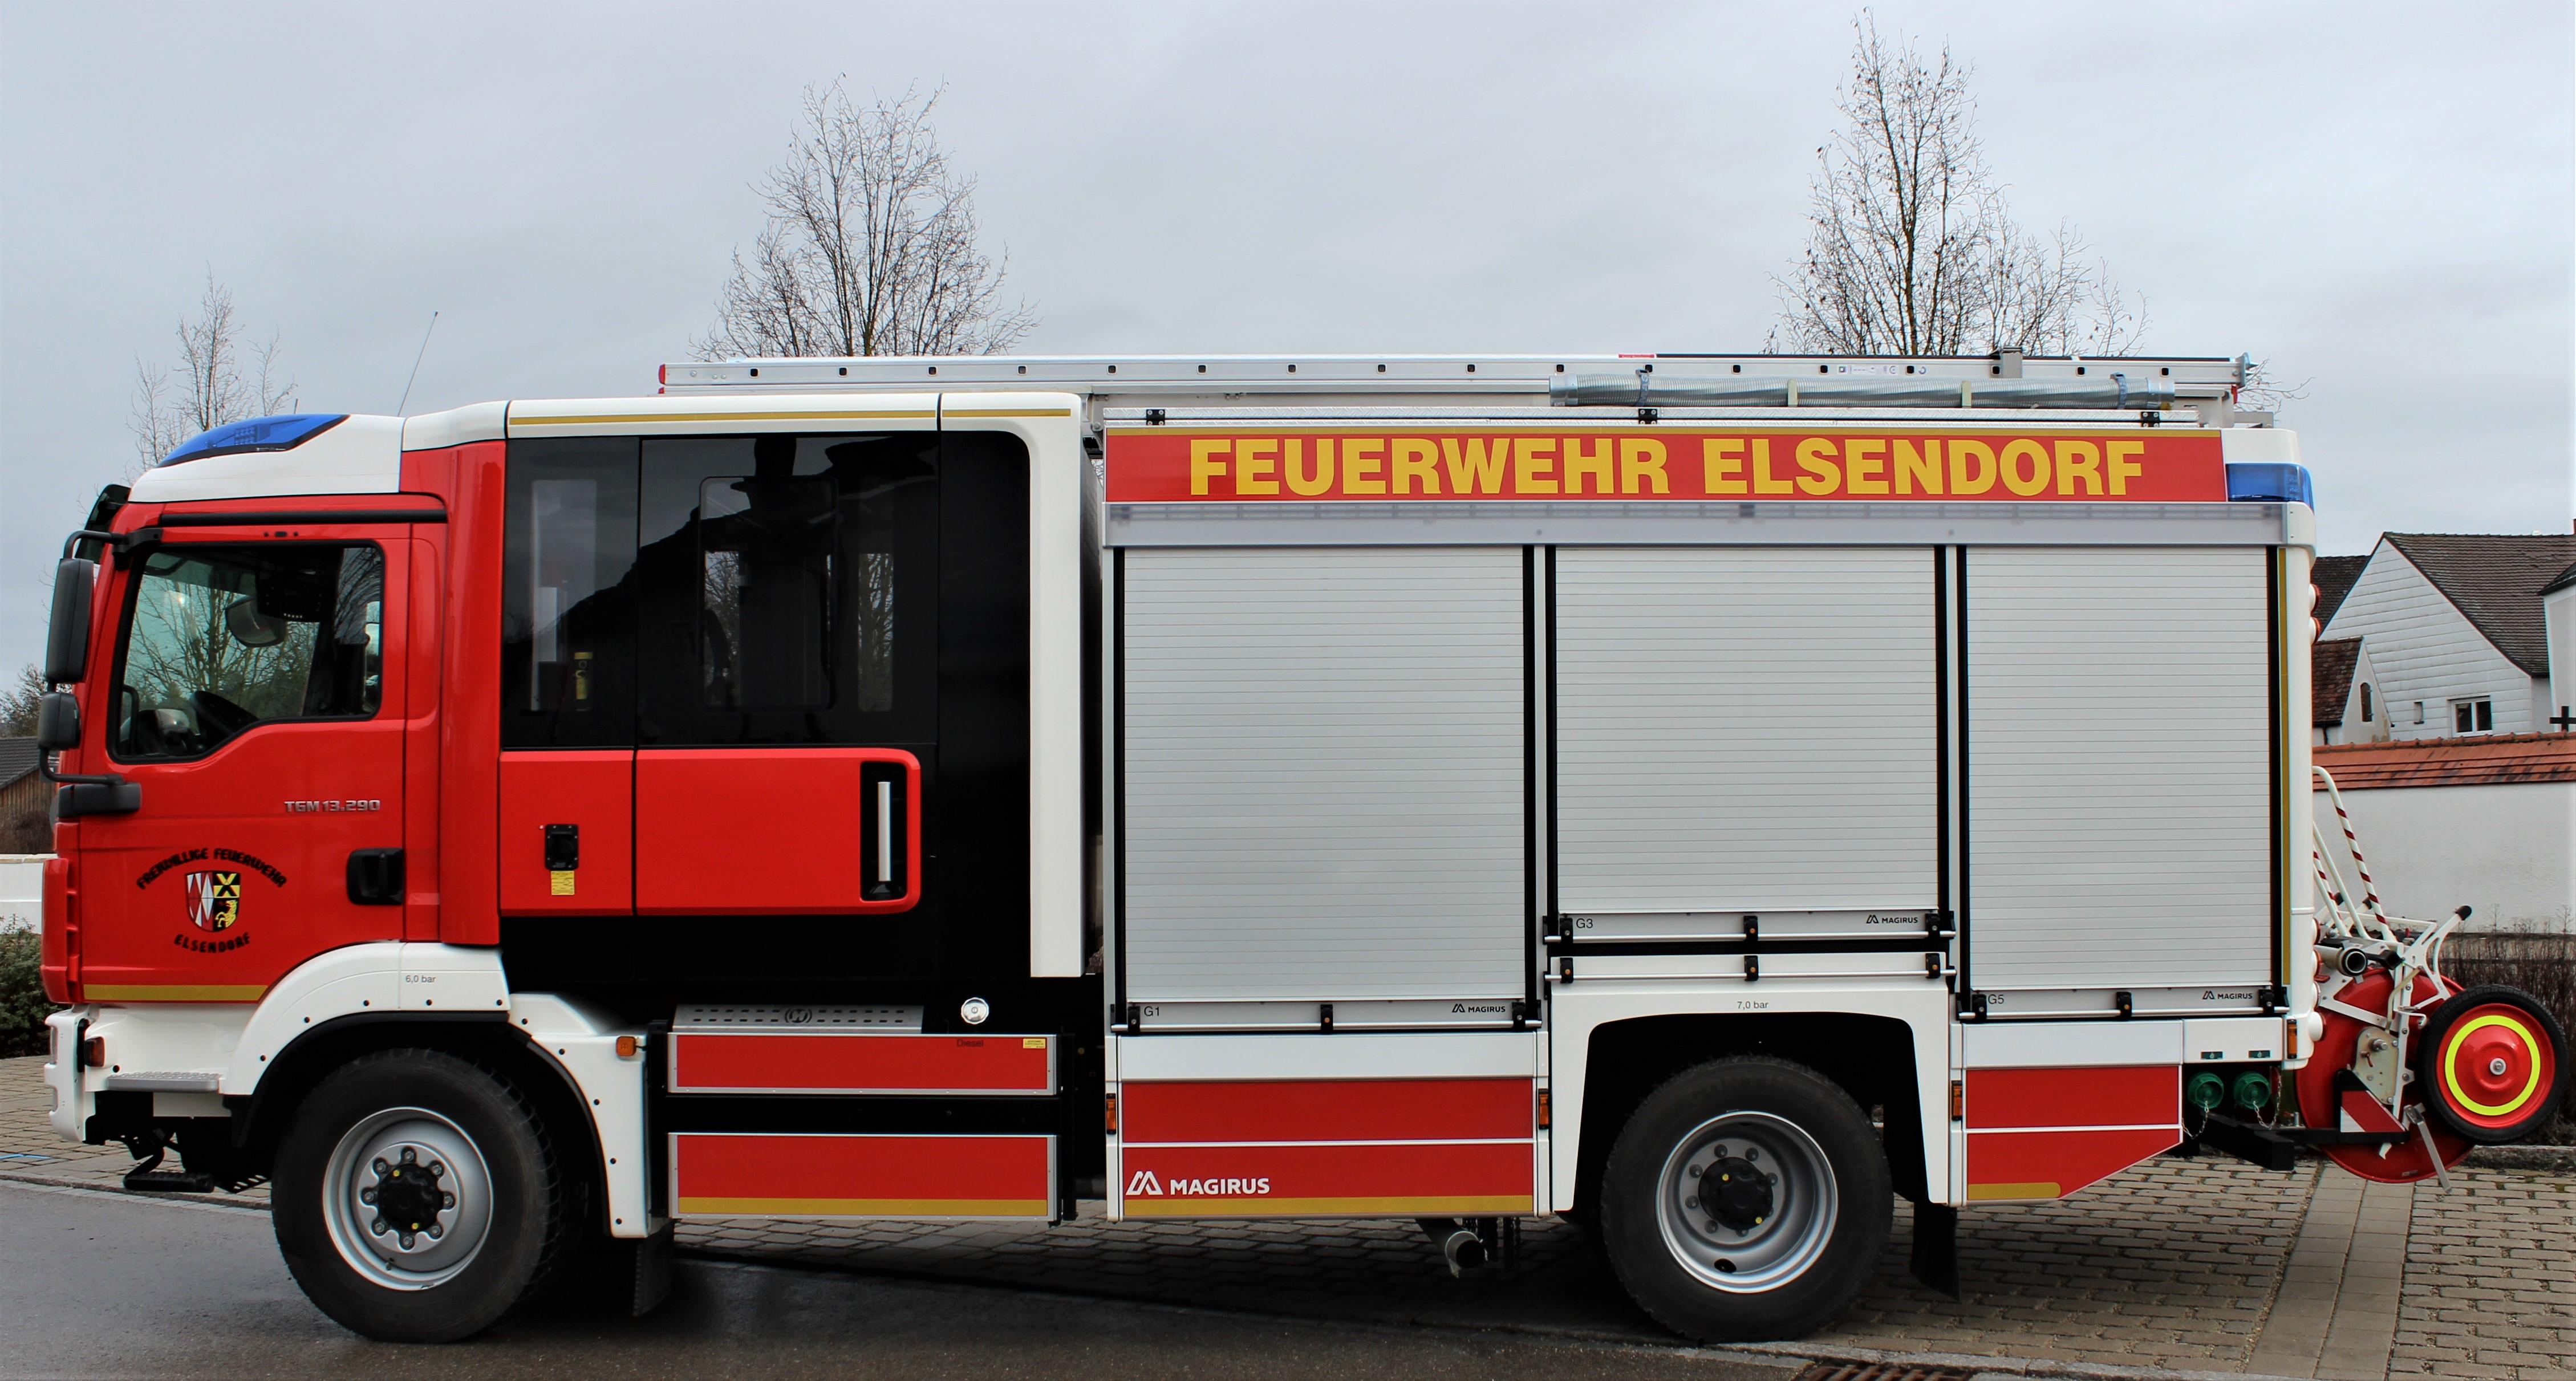 Feuerwehr Elsendorf